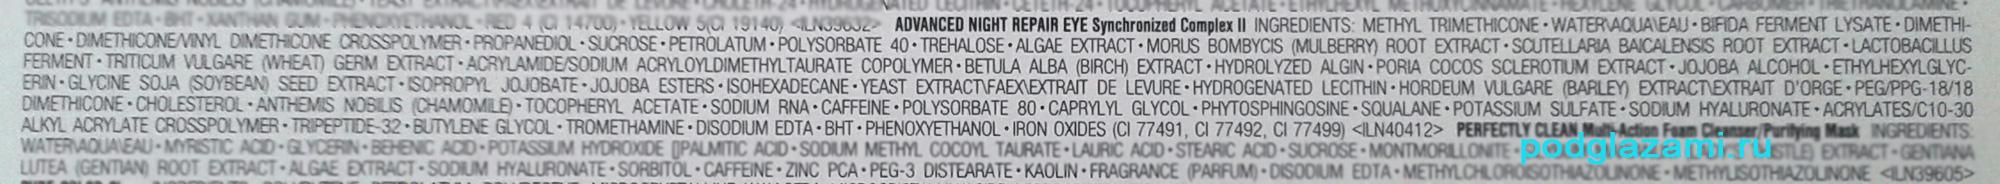 Состав ночного крема под глаза от Эсти Лаудер (для удобства остальное заретушировали)